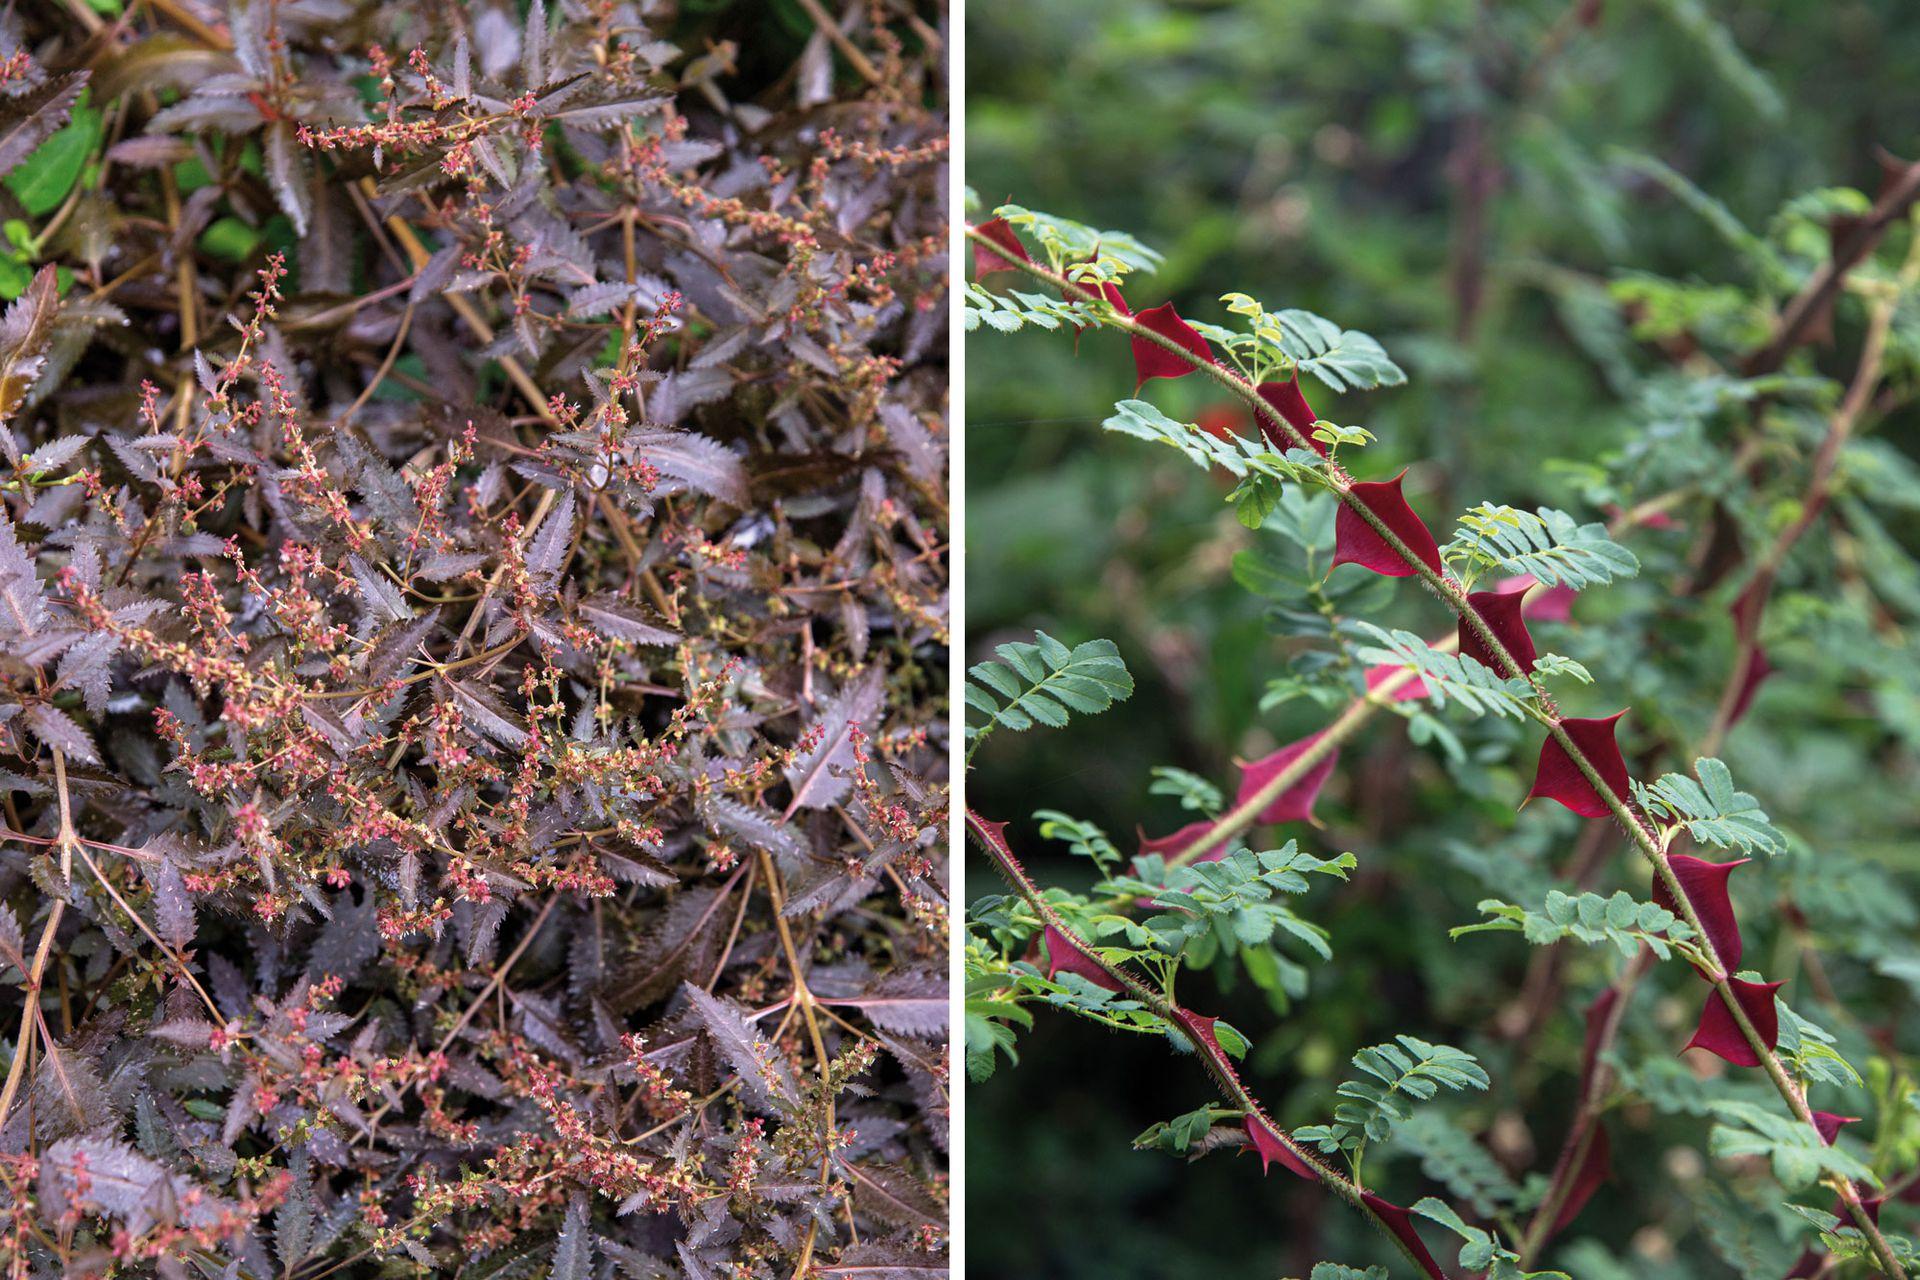 Izquierda: Haloragis erecta 'Bronze' es una herbácea perenne de unos 45 cm, ideal para los primeros planos de un cantero. Es muy resistente al frío y ese color bronceado se mantiene durante todo el año. Necesita pleno sol y es muy rústica. Derecha: La Rosa sericea pteracantha se destaca por sus particulares espinas grandes, planas y anchas, de color bordó. Para que aparezcan los tallos nuevos con esas espinas es muy importante la poda. Las flores son blancas, de pequeñas a medianas.